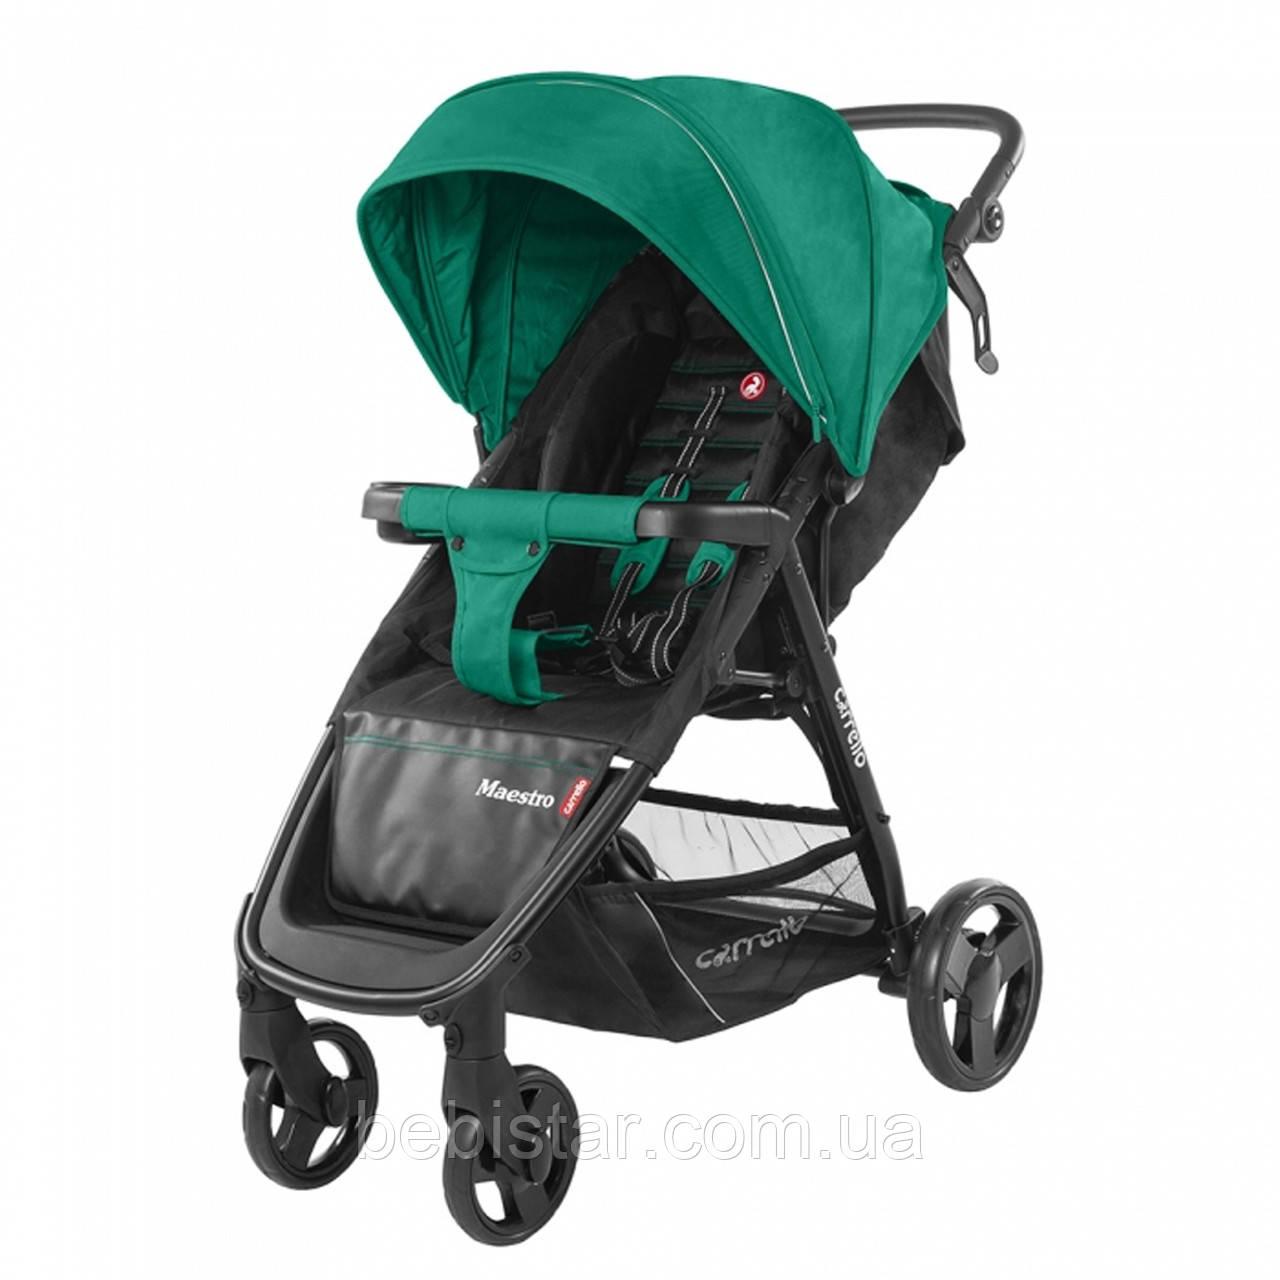 Детская прогулочная коляска зеленая Carrello Maestro черная рама чехол на ножки подстаканник дождевик